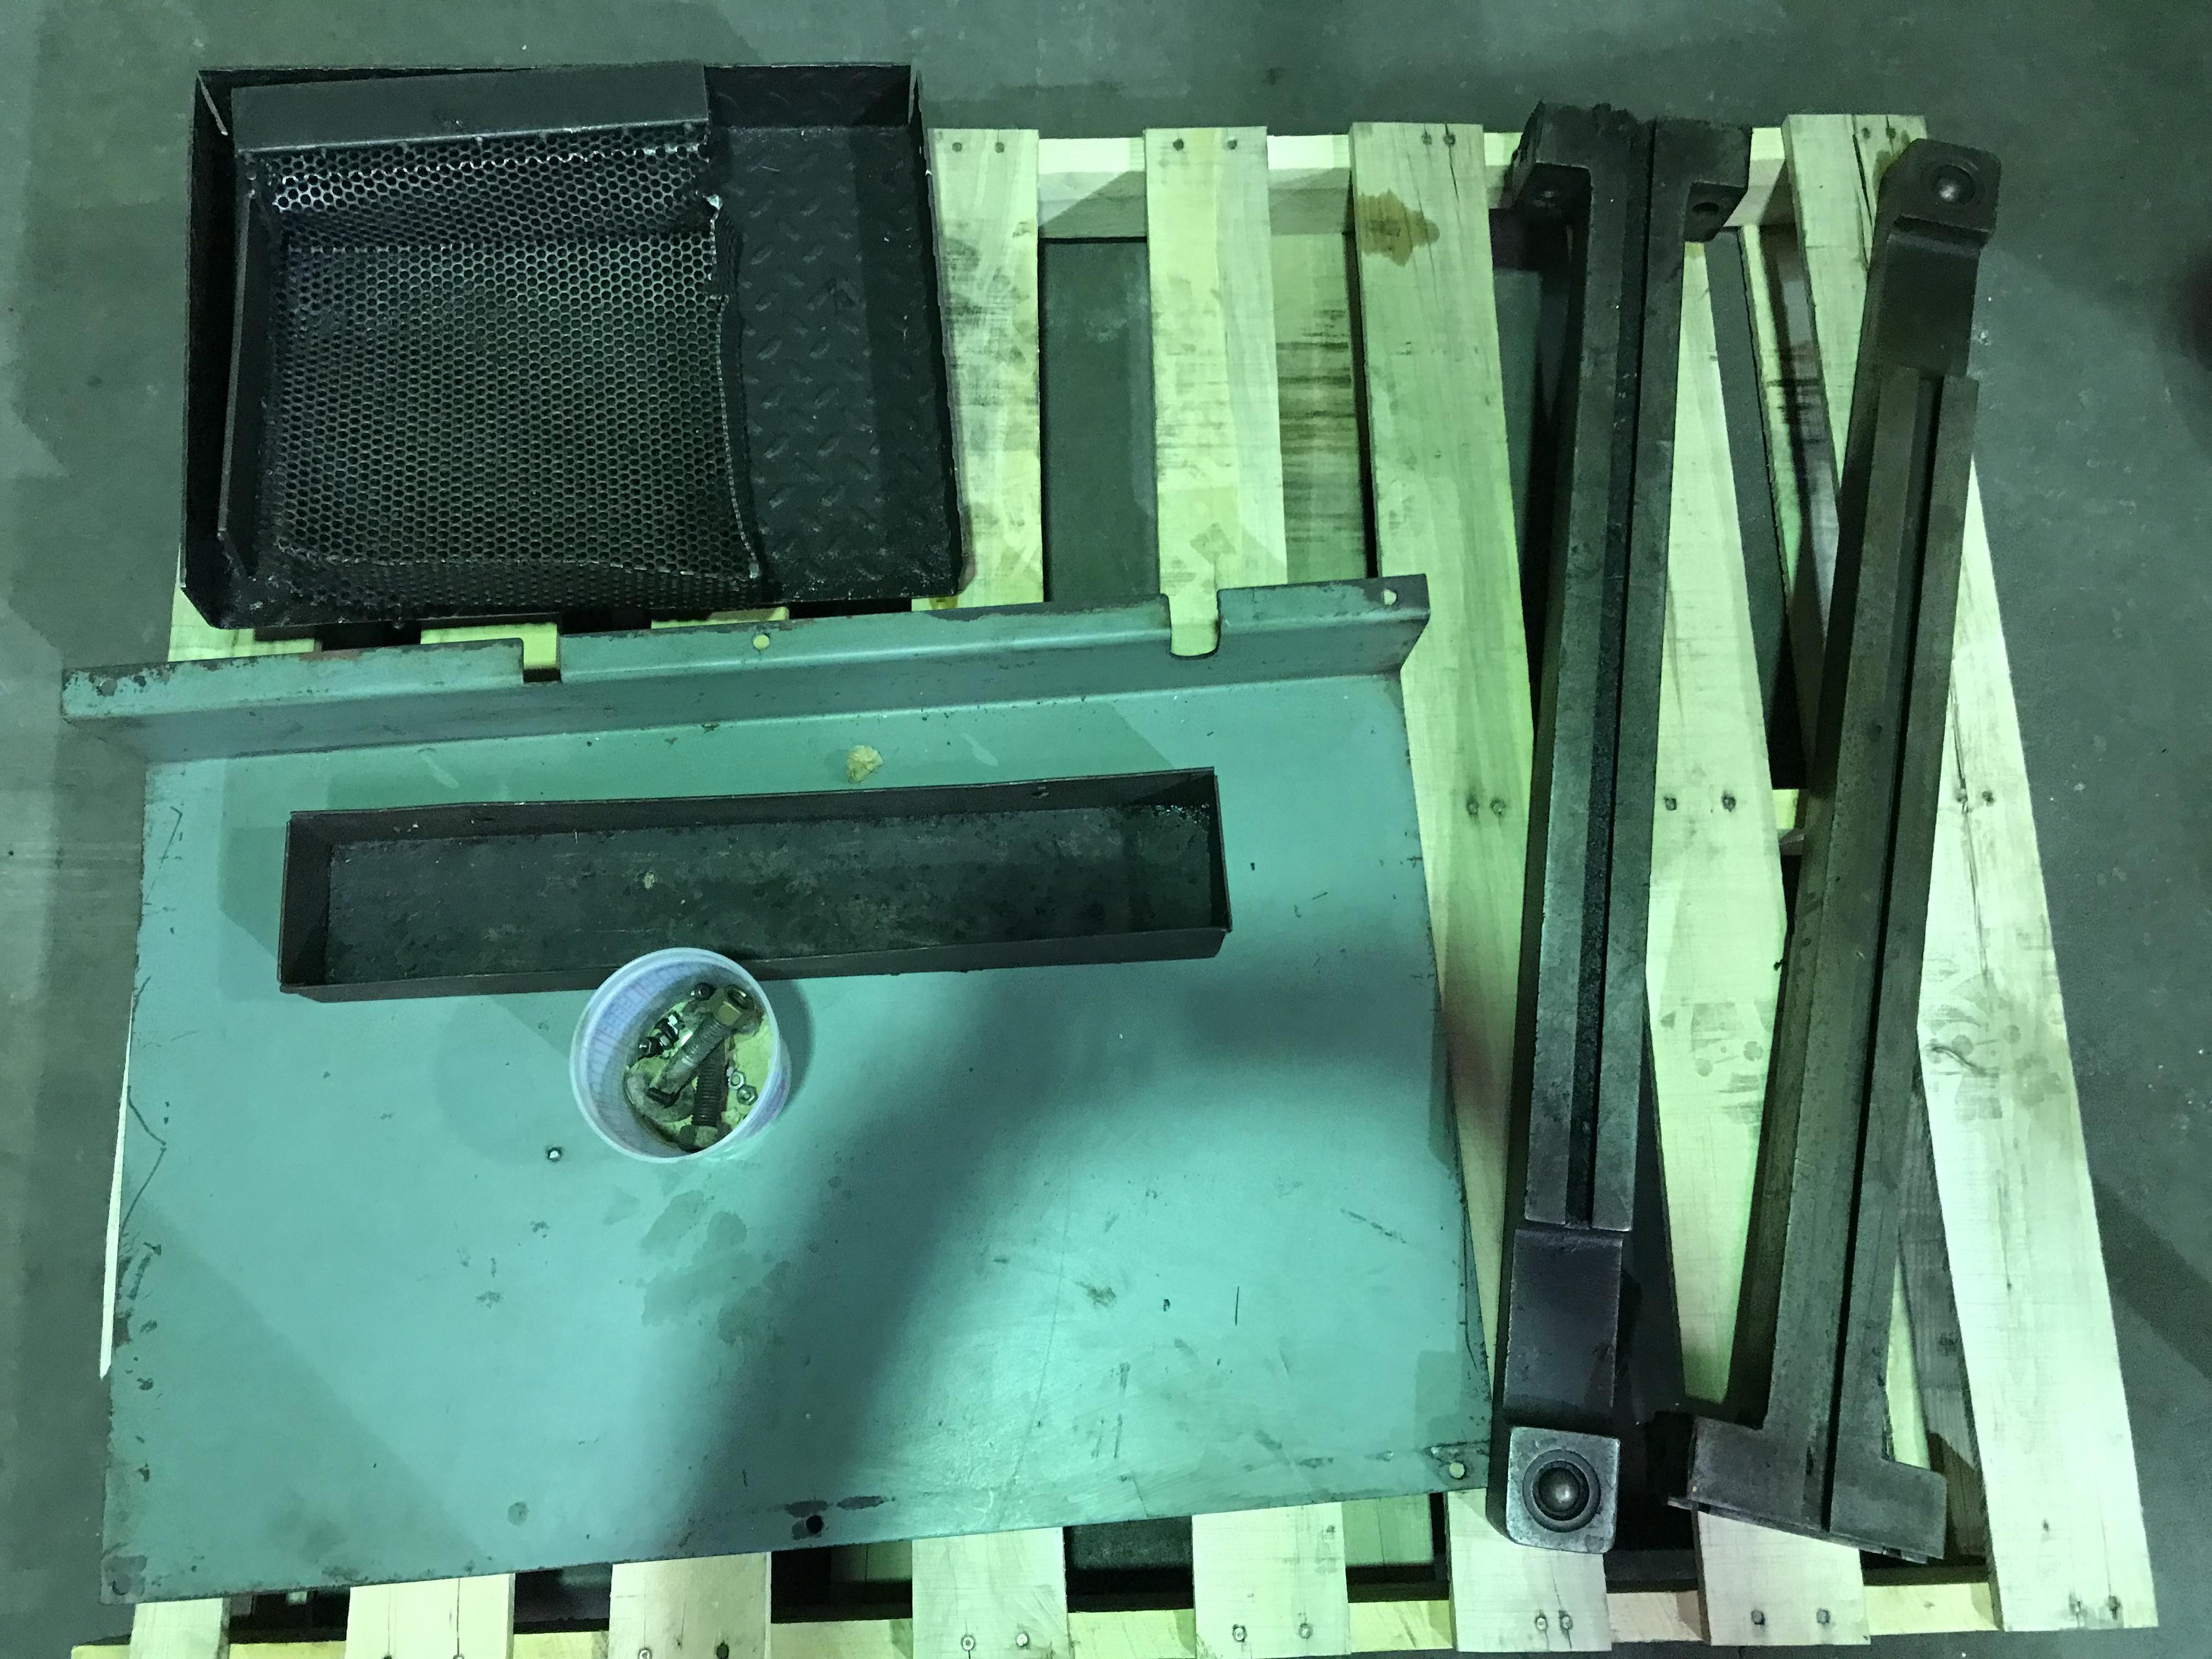 """USED ALLSTEEL HYDRAULIC SHEAR, Model 1/4""""x10', 1/4"""" x 10', Stock No. 9559"""